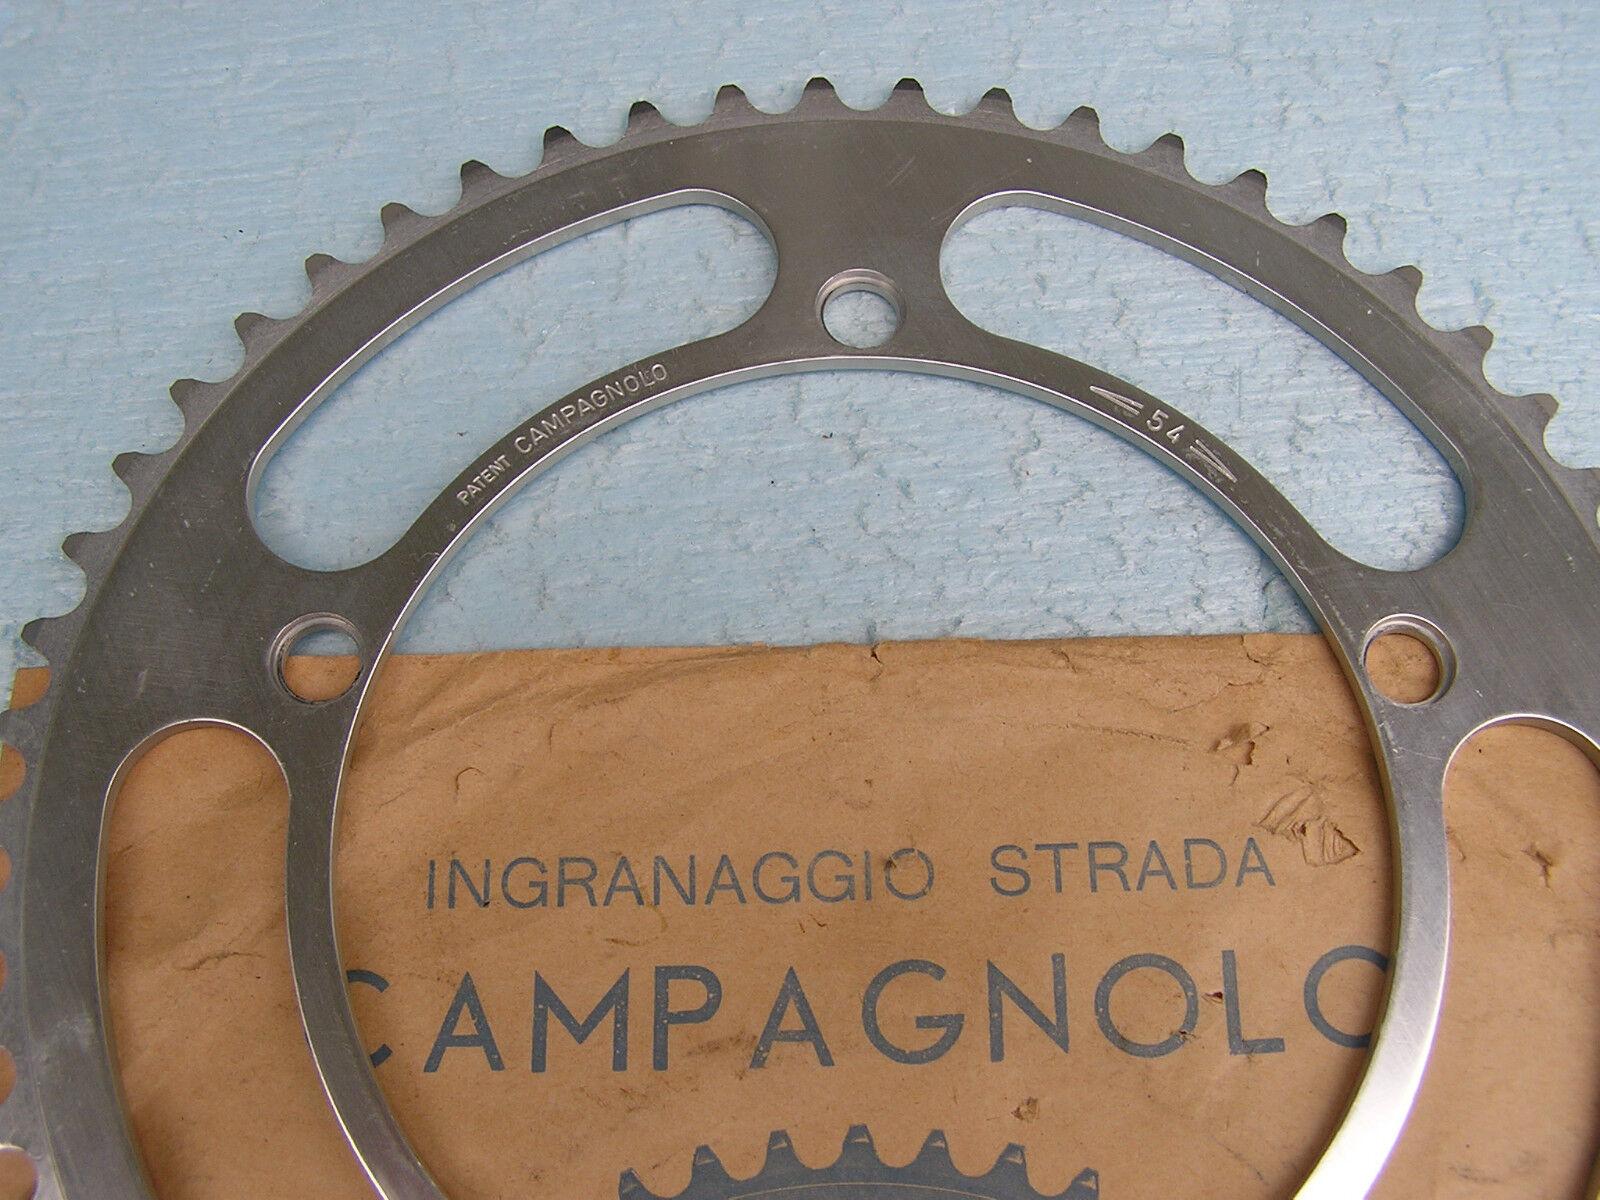 Campagnolo Nuovo Record « patente » Nib Plato Strada 54-t 144-mm nuevas enmiendas Nib » 1972 4be09b